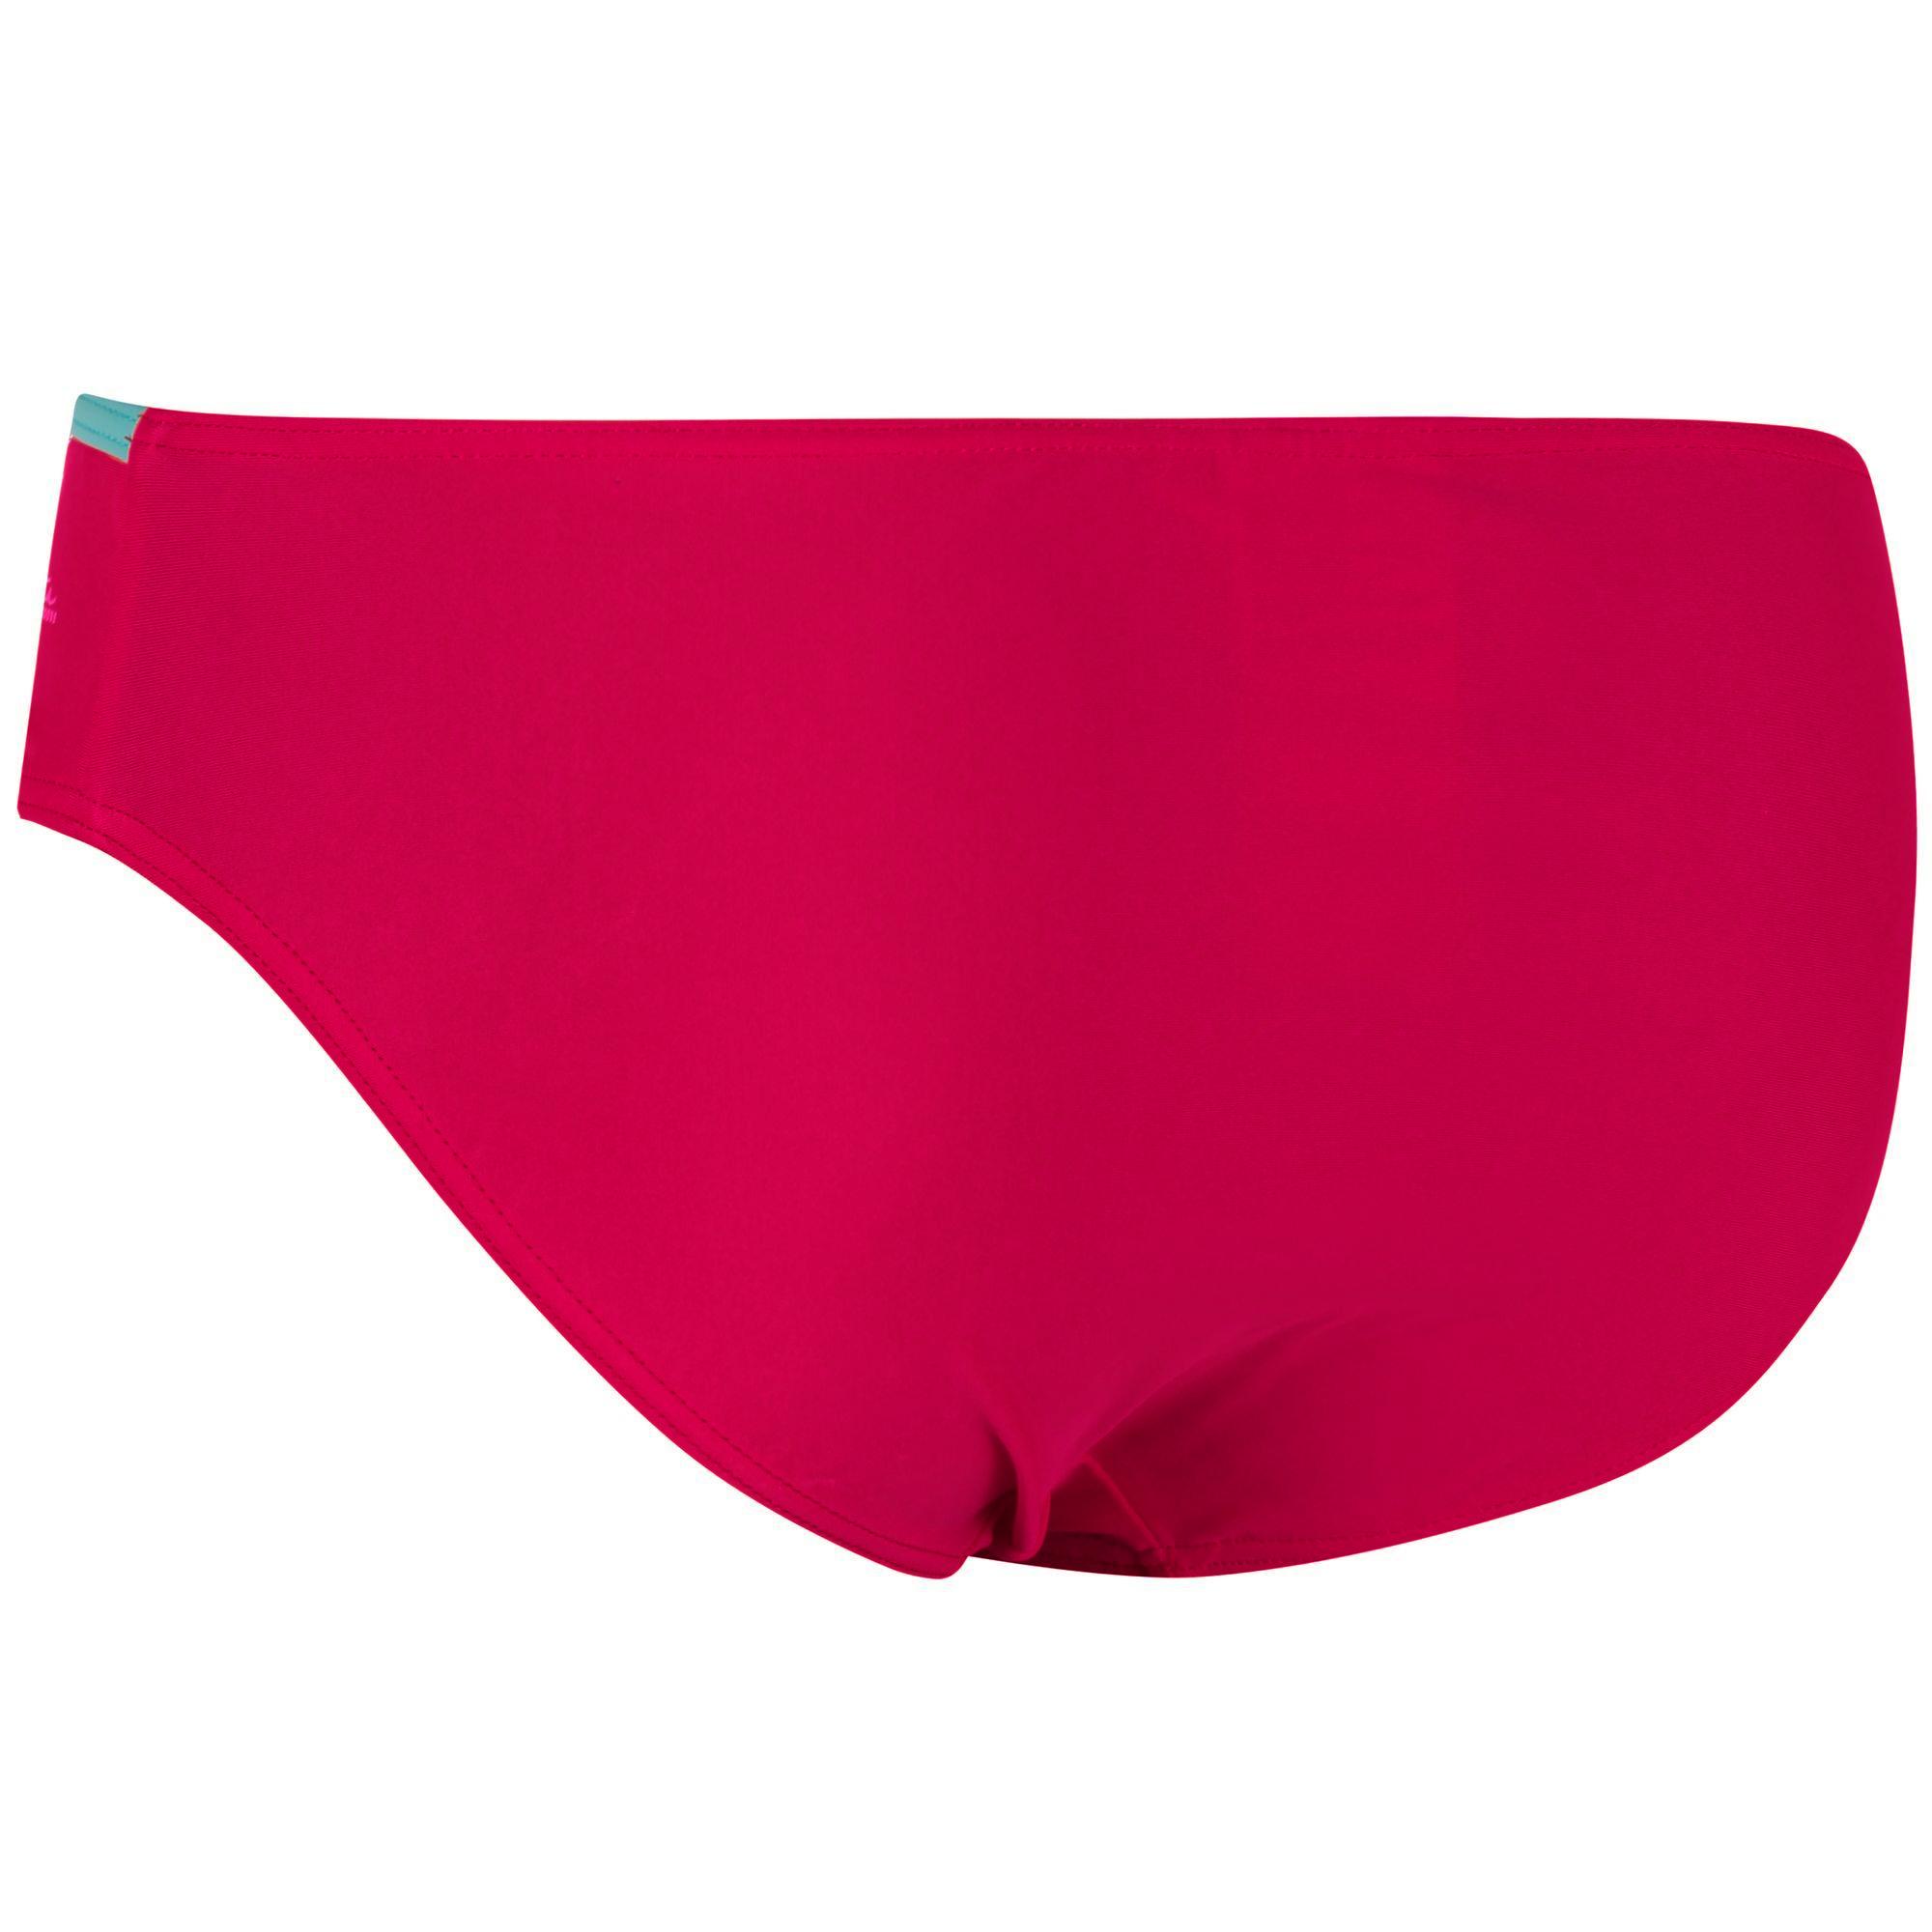 miniature 11 - Regatta - Culotte de maillot de bain ACEANA - Femme (RG2578)